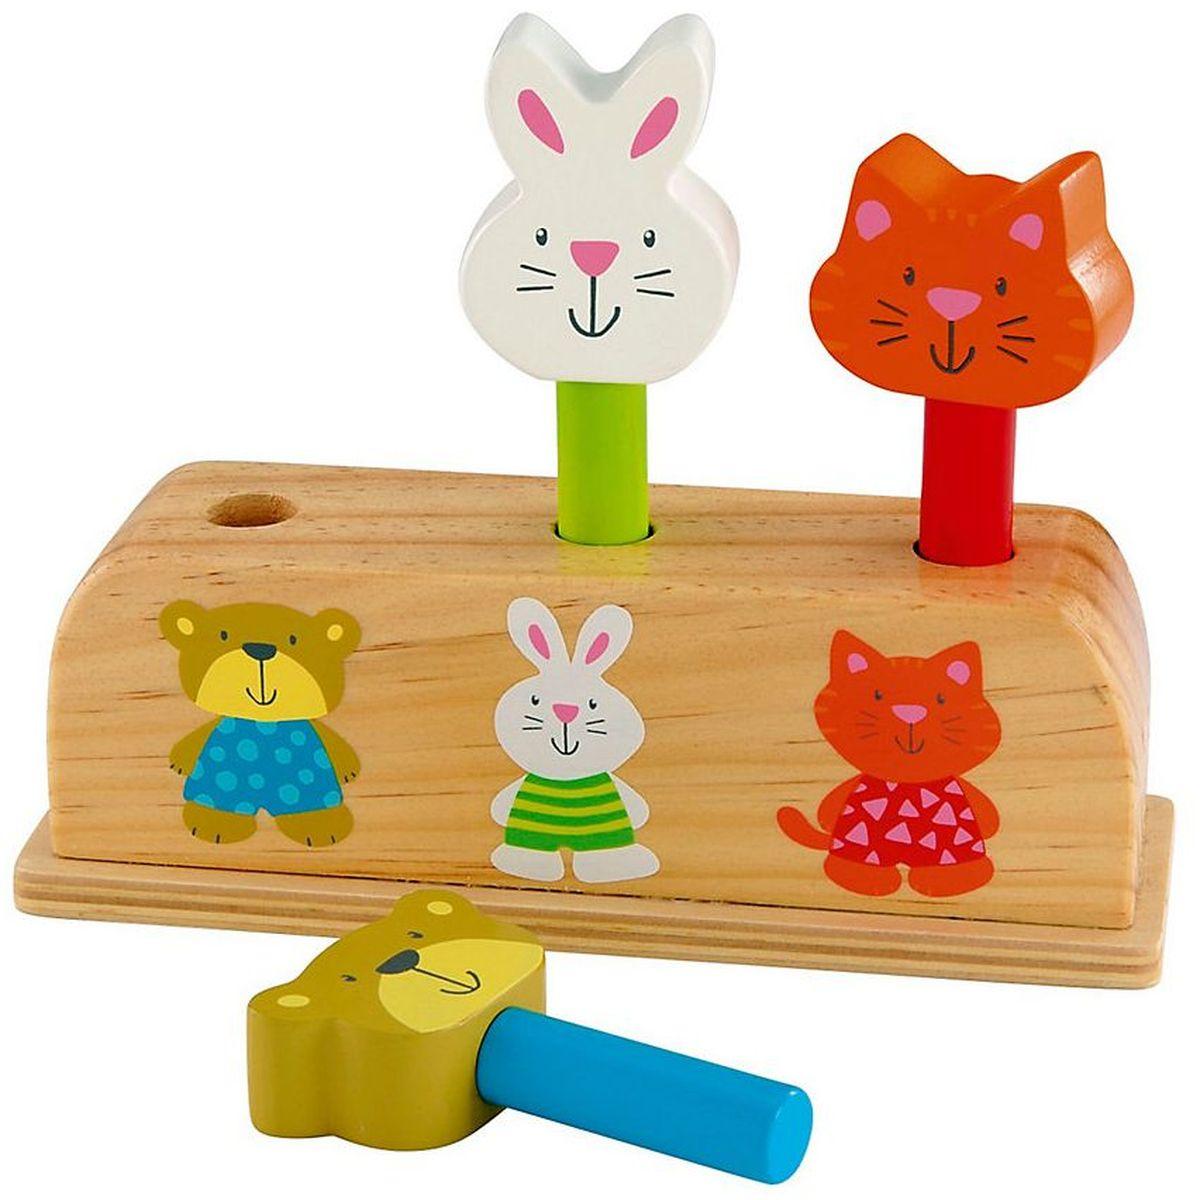 ELC Сортер Сортер из дерева135678Веселая игрушка из дерева с тремя персонажами. Помести кролика, кота и медвежонка в соответствующие отверстия. Нажми сверху и… Сюрприз.